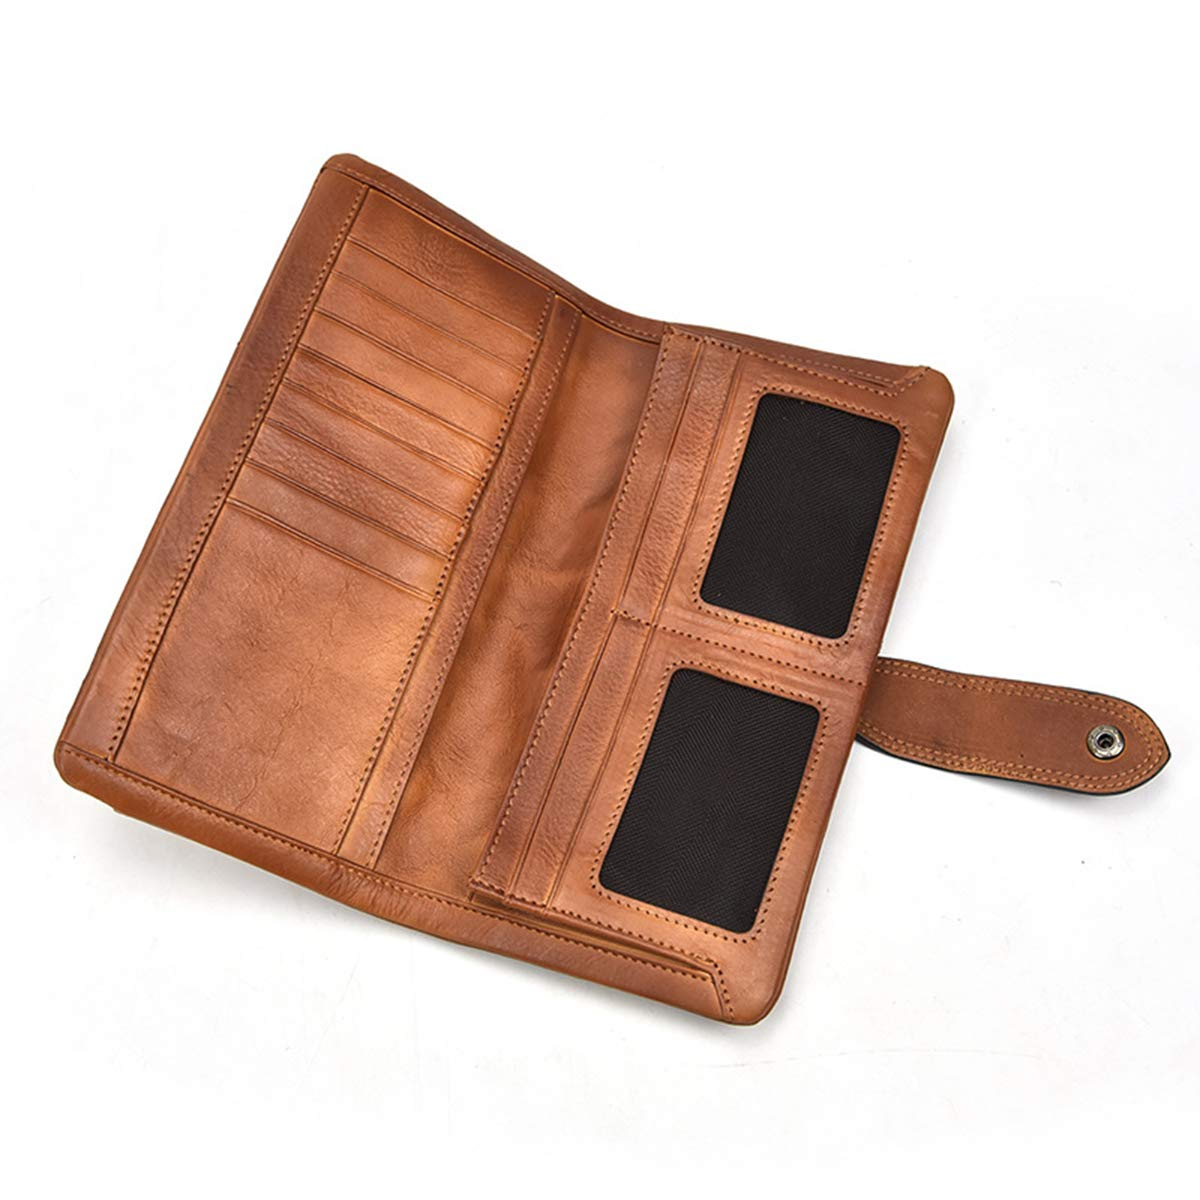 OMMILA Billetera de Hombres Piel Genuina Unisexo Billetera Larga Posición Multi-Tarjeta Hebilla: Amazon.es: Equipaje